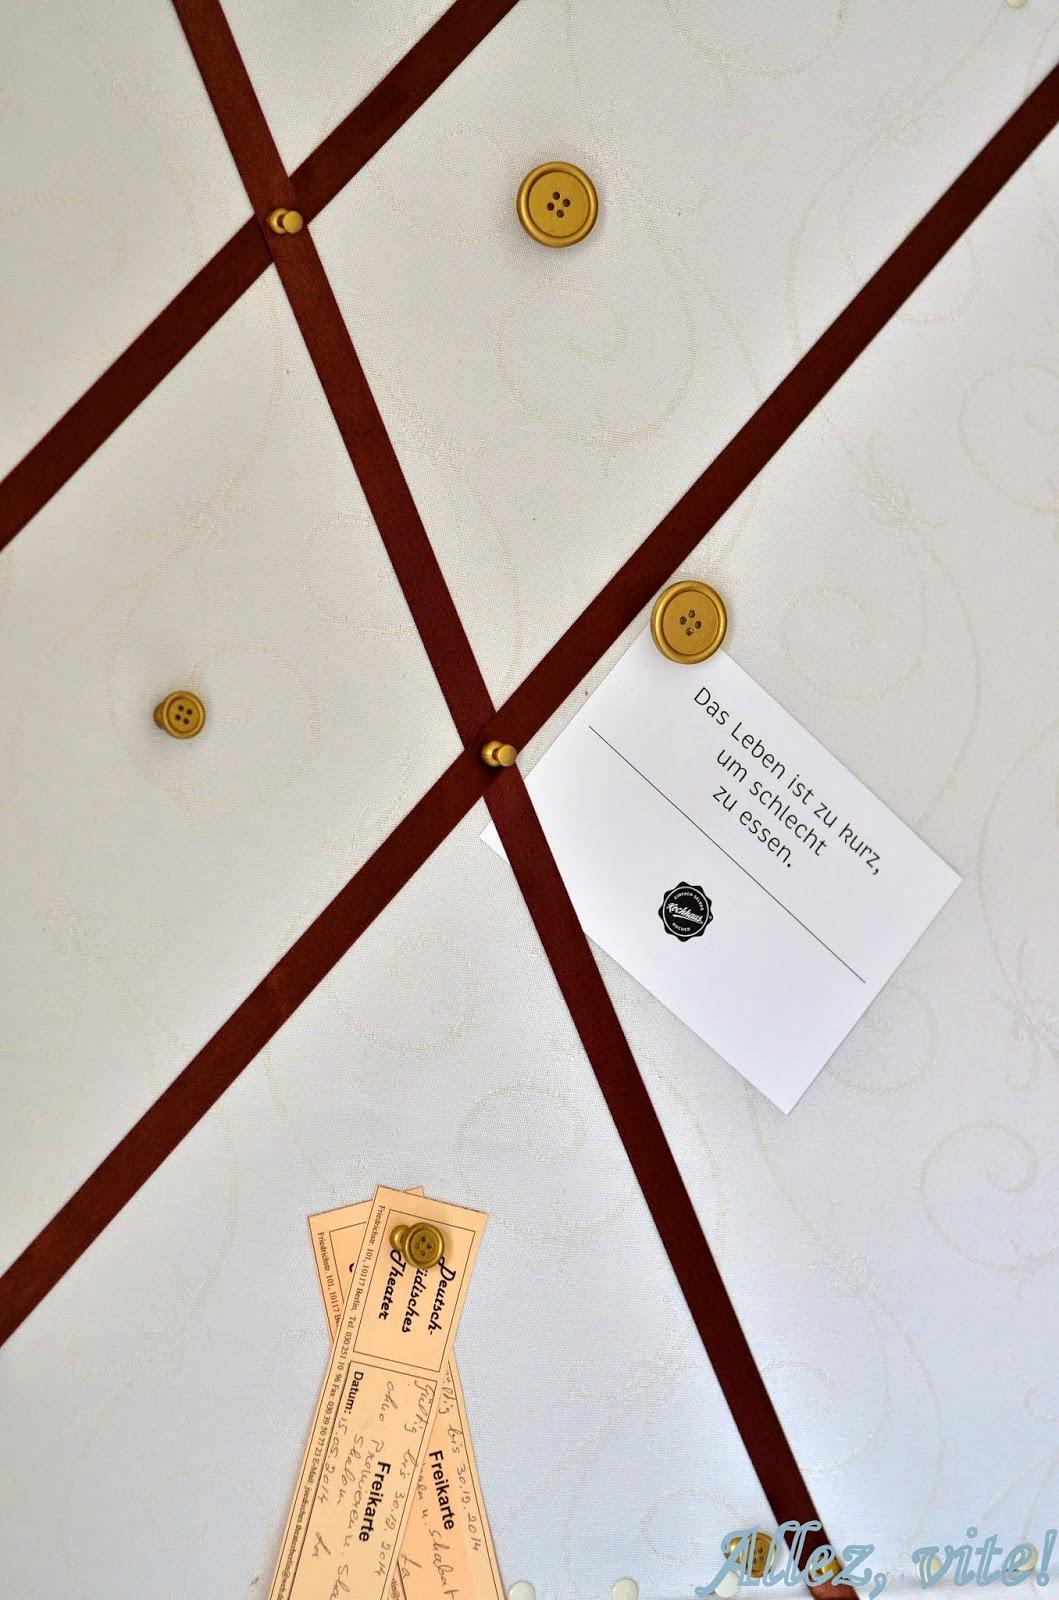 allez vite nie mehr verzettelt pinnwand aus kork selber machen. Black Bedroom Furniture Sets. Home Design Ideas